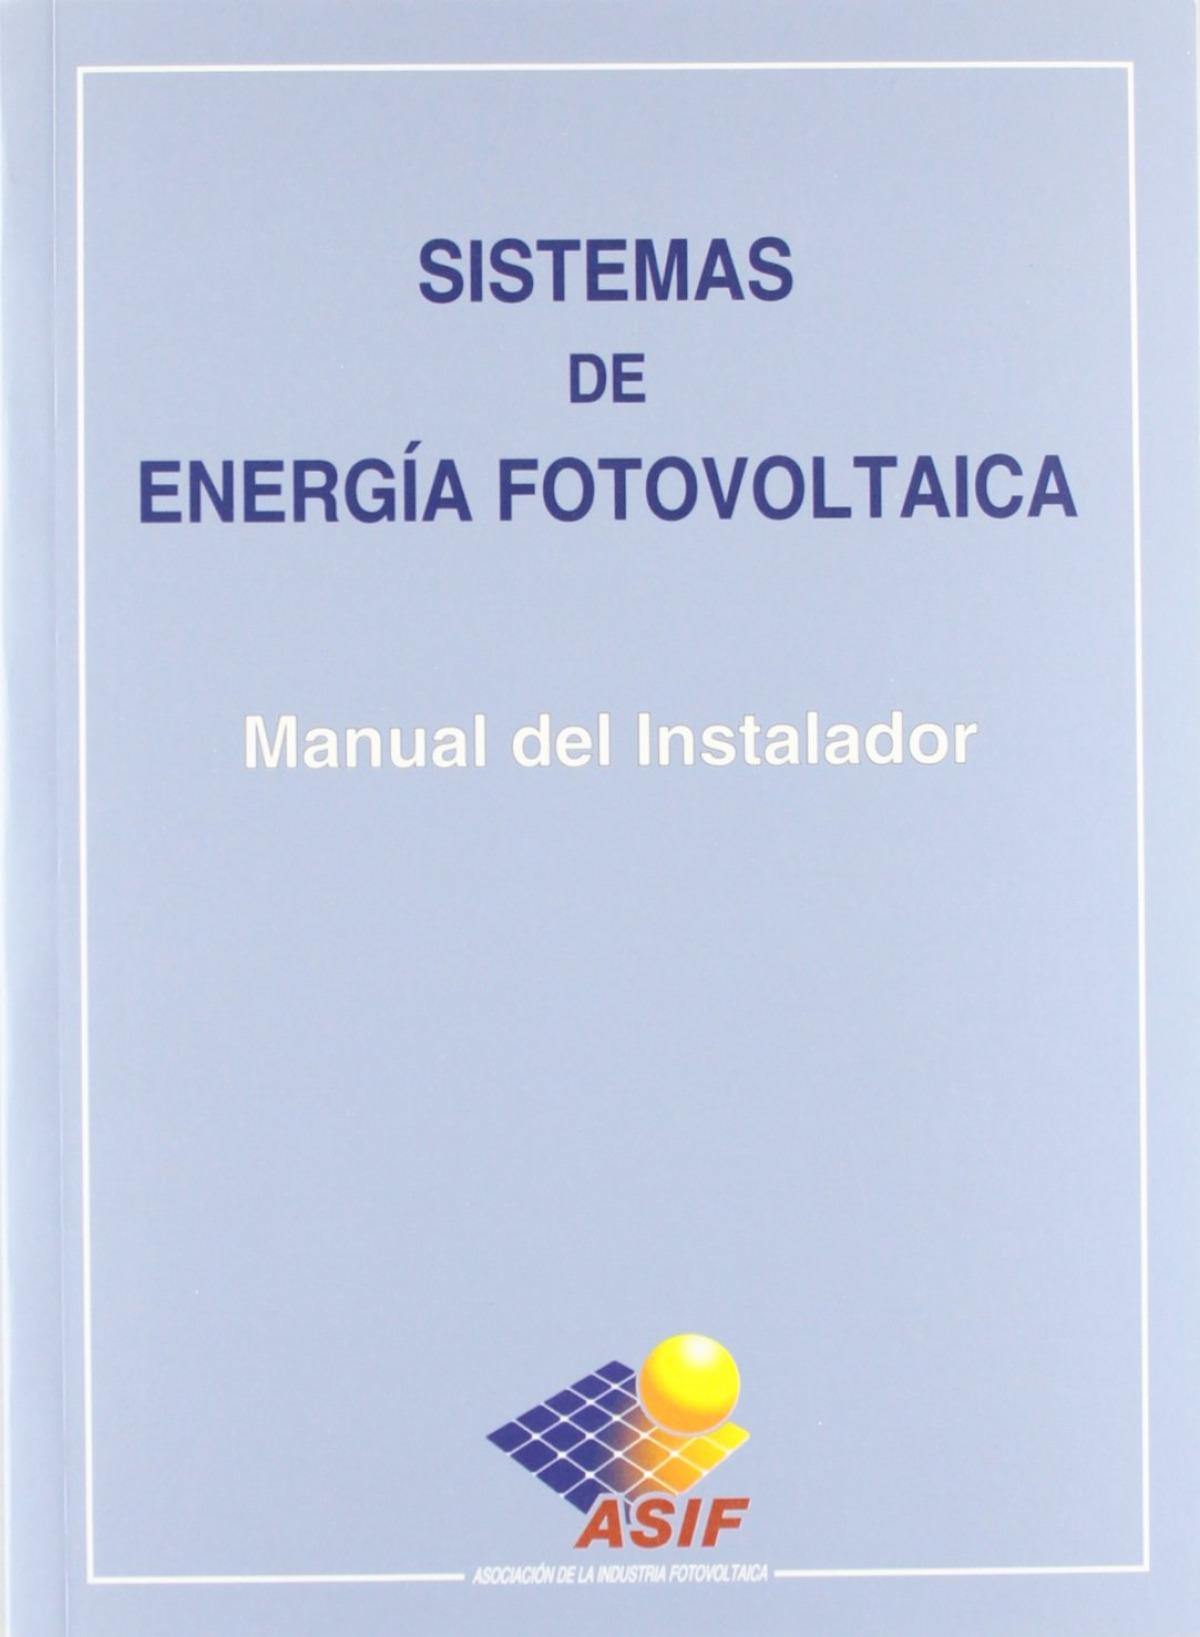 Sistemas de energía fotovoltaica. Manual del instalador - Asif